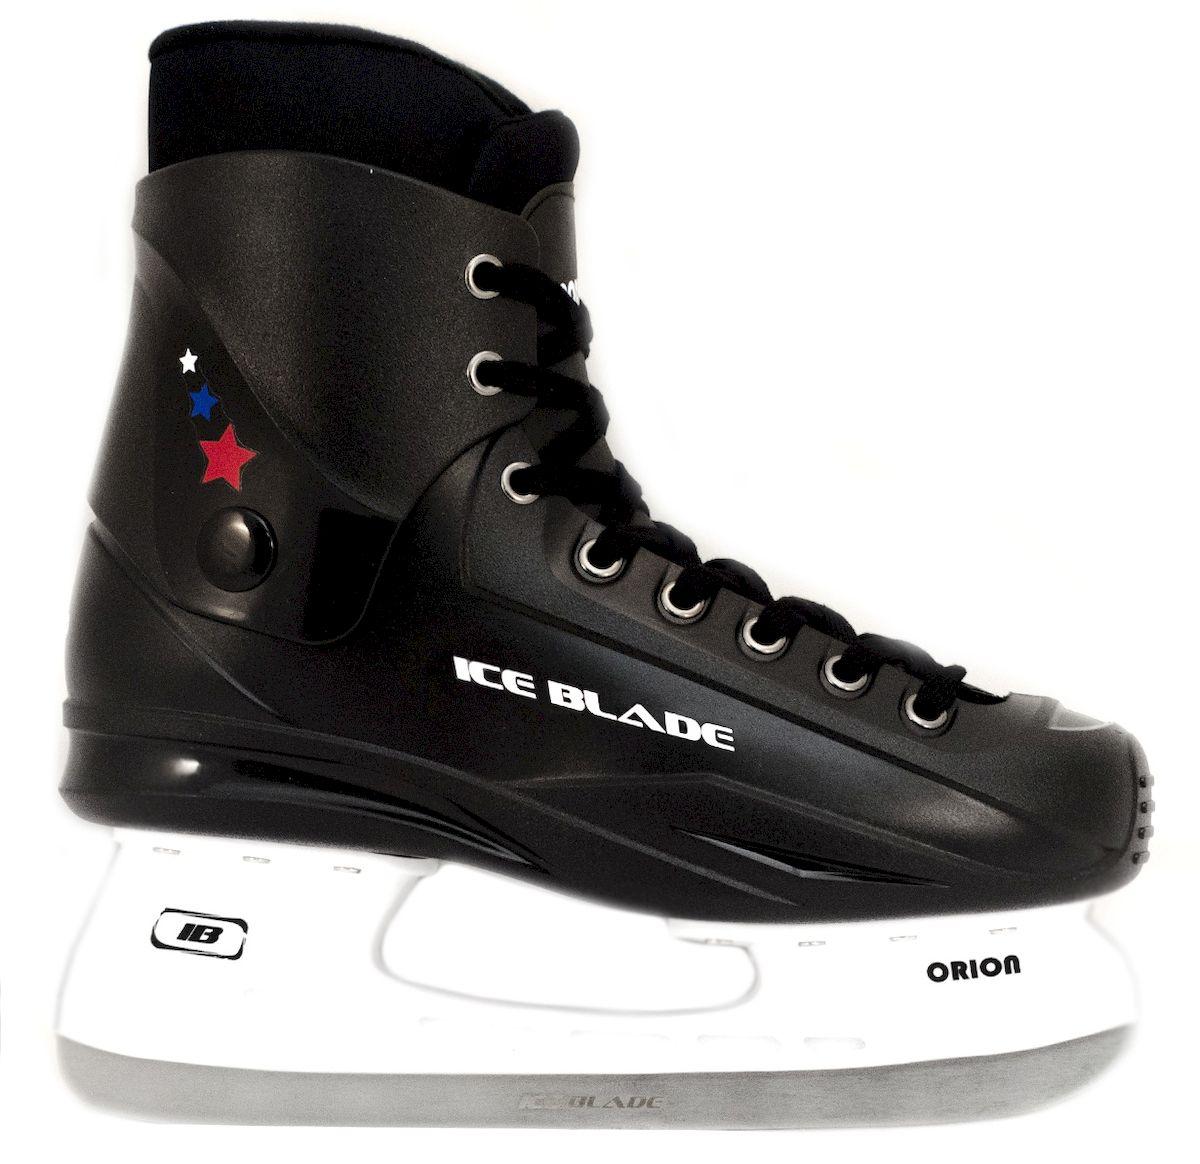 Коньки хоккейные Ice Blade Orion, цвет: черный. УТ-00004984. Размер 40Atemi Force 3.0 2012 Black-GrayКоньки хоккейные Ice Blade Orion - это хоккейные коньки для любых возрастов. Конструкция прекрасно защищает стопу, очень комфортна для активного катания, а также позволяет играть в хоккей. Легкий ботинок очень комфортный как для простого катания на льду, так и для любительского хоккея. Ботинок выполнен из высококачественного морозостойкого пластика и нейлоновой сетки. Внутренний сапожок утеплен мягким и дышащим вельветом, а язычок усилен специальной вставкой для большей безопасности стопы. Лезвие изготовлено из высокоуглеродистой стали, что гарантирует прочность и долговечность.Удобная система фиксации ноги и улучшенная колодка сделают катание комфортным и безопасным.